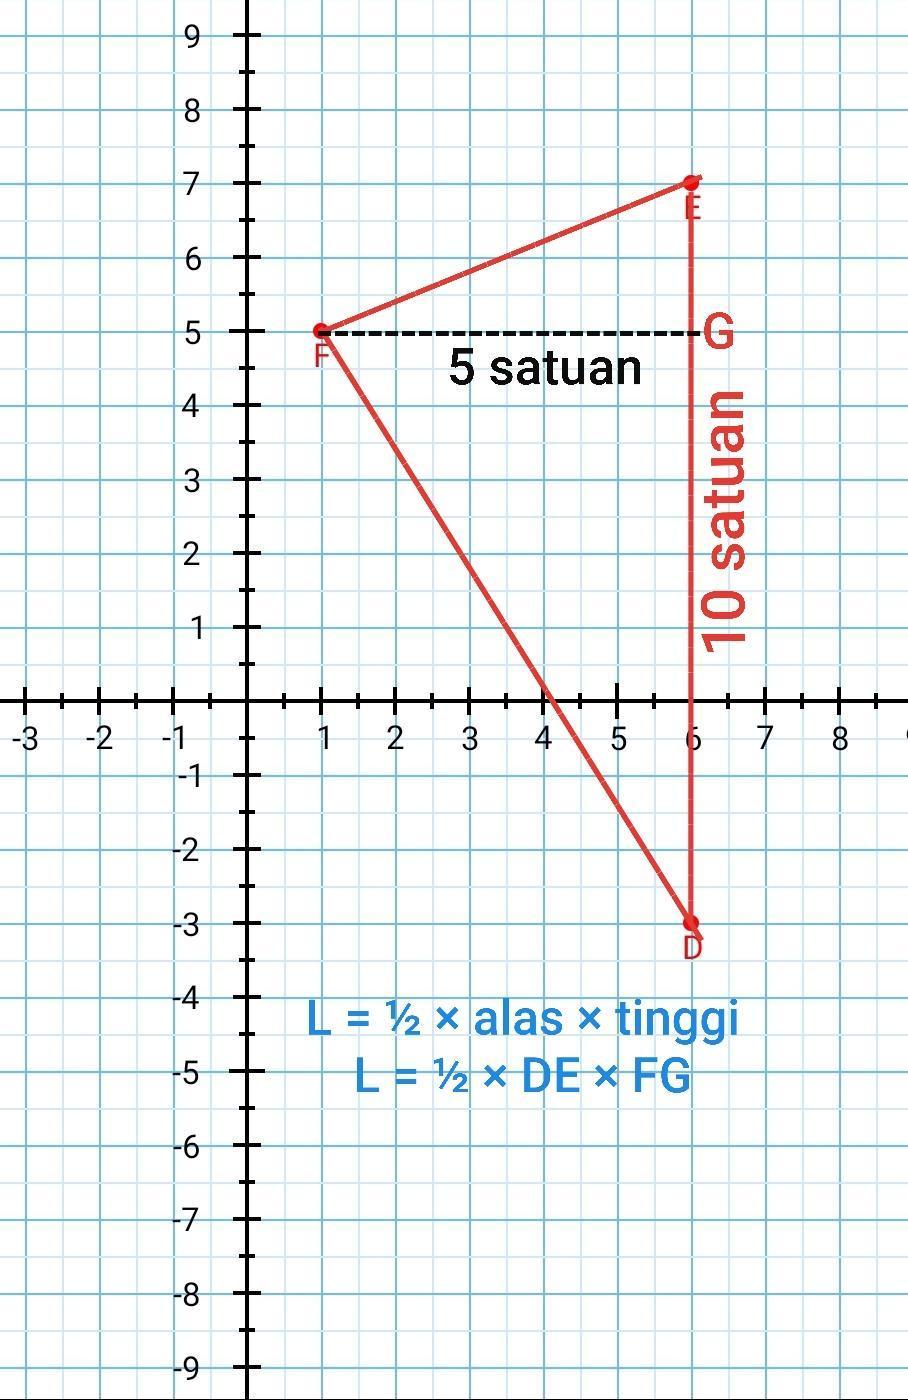 Rumus Titik Koordinat : rumus, titik, koordinat, Segitiga, Dengan, Titik, Koordinat, D(6,-3),E(6,, F(1,5), Adalah, Satuan, Brainly.co.id